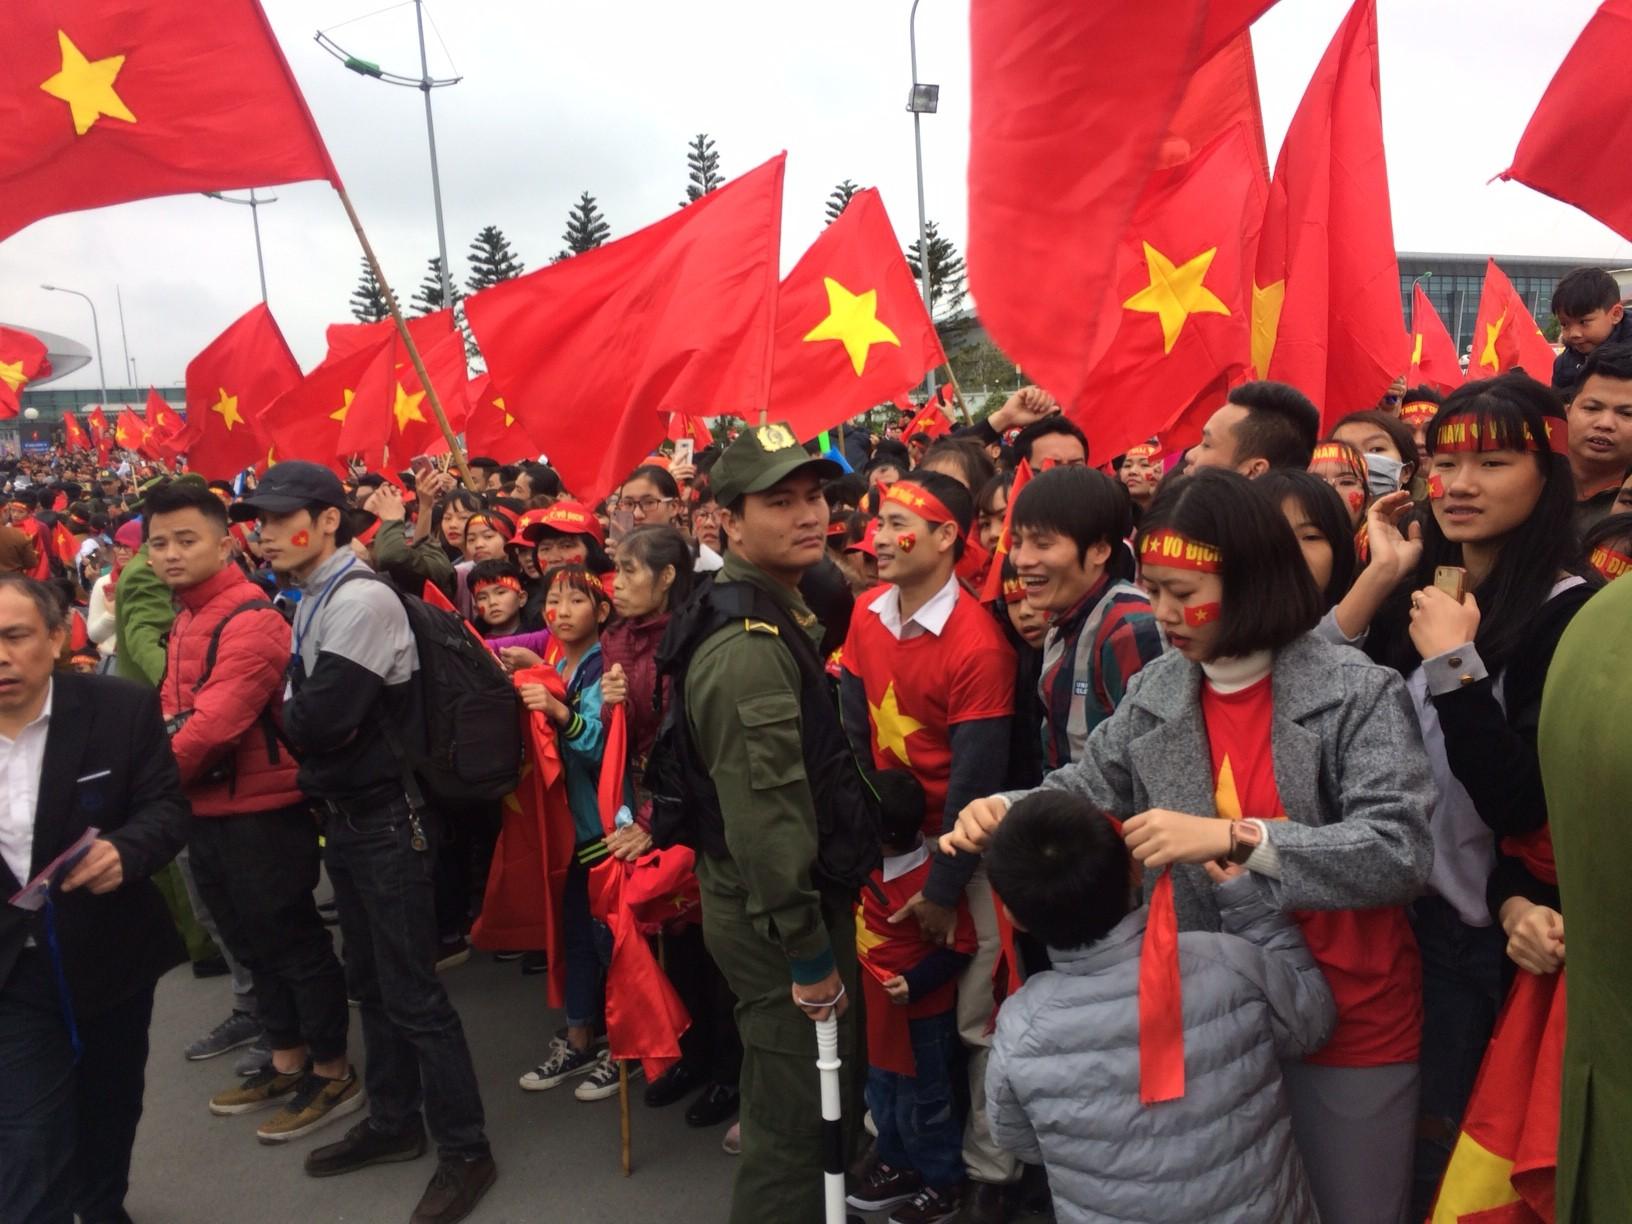 Rừng cờ đỏ sao vàng đang tung bay ngay tại lúc này ở sân bay Nội Bài. Chuyên cơ chở U23 Việt Nam đã bay đến thành phố Vũ Hán (Trung Quốc), dự kiến có mặt tại Hà Nội lúc 13h00. Ảnh: Hải Đăng.